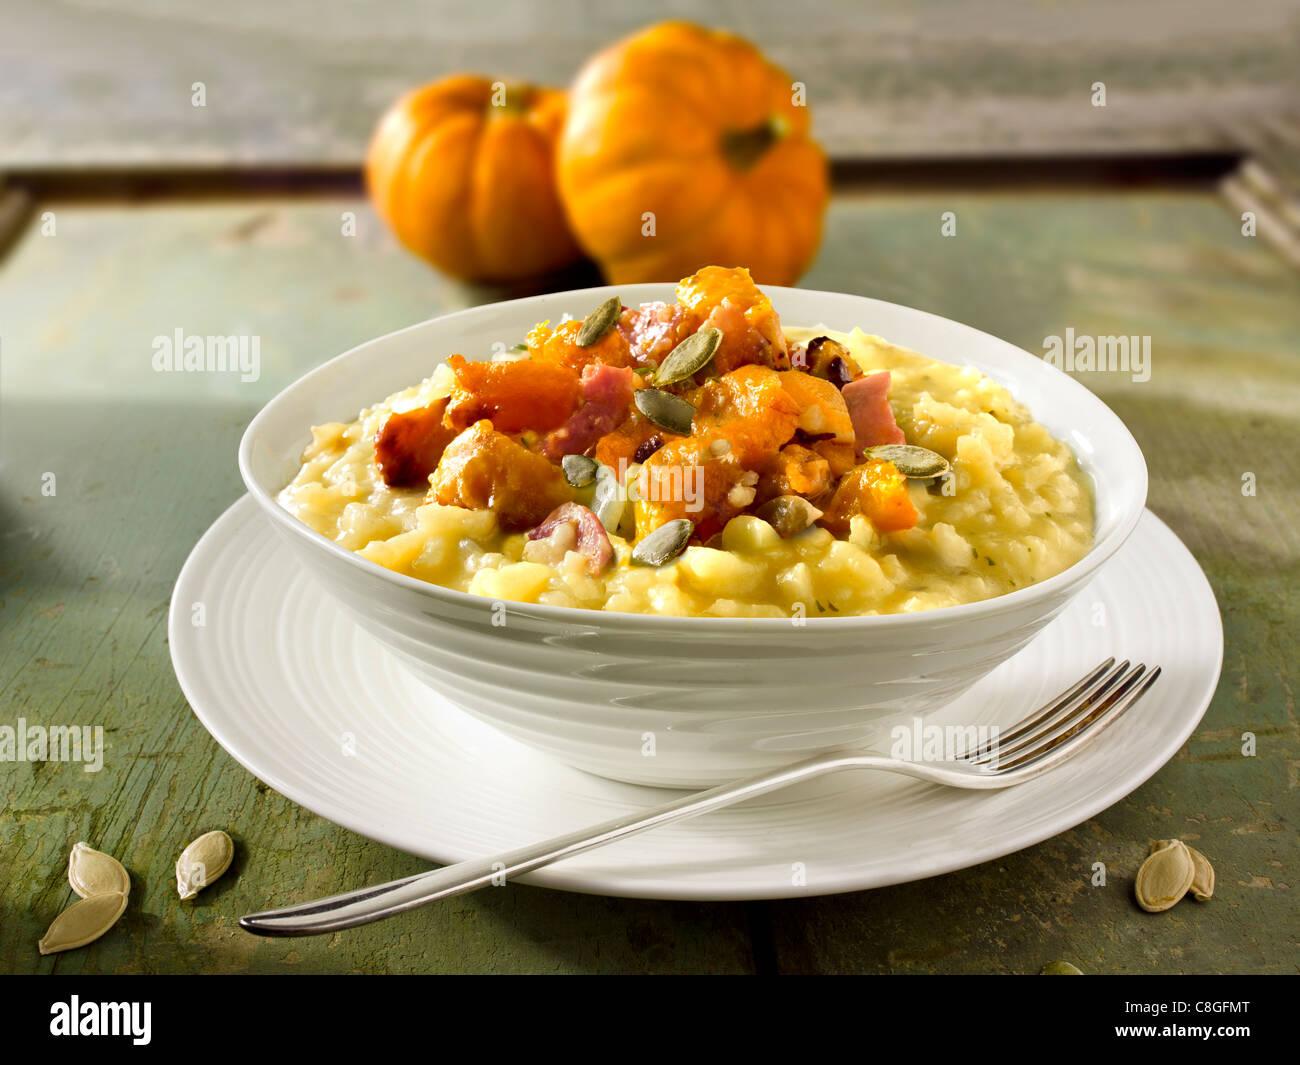 Roast Pumkin & Bacon on safron Risotto - Stock Image